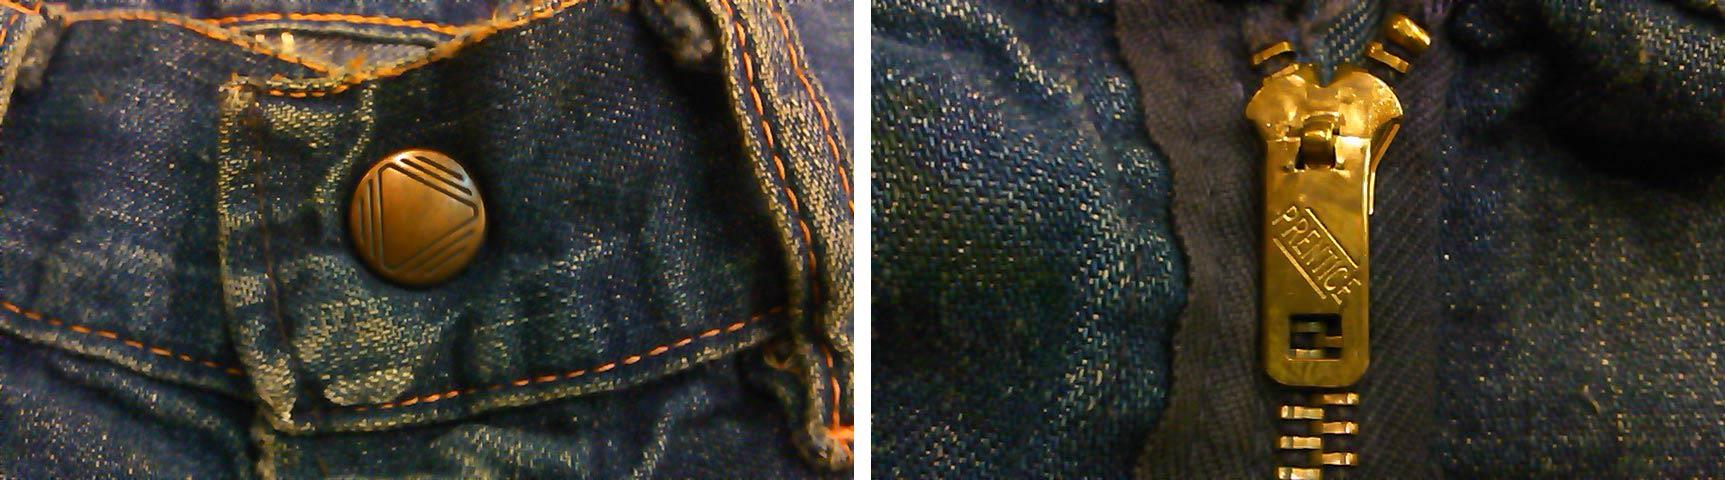 8/24(火)大阪アメリカ村店入荷情報!第4弾Vintage Denim Pants編。_c0078587_19474092.jpg